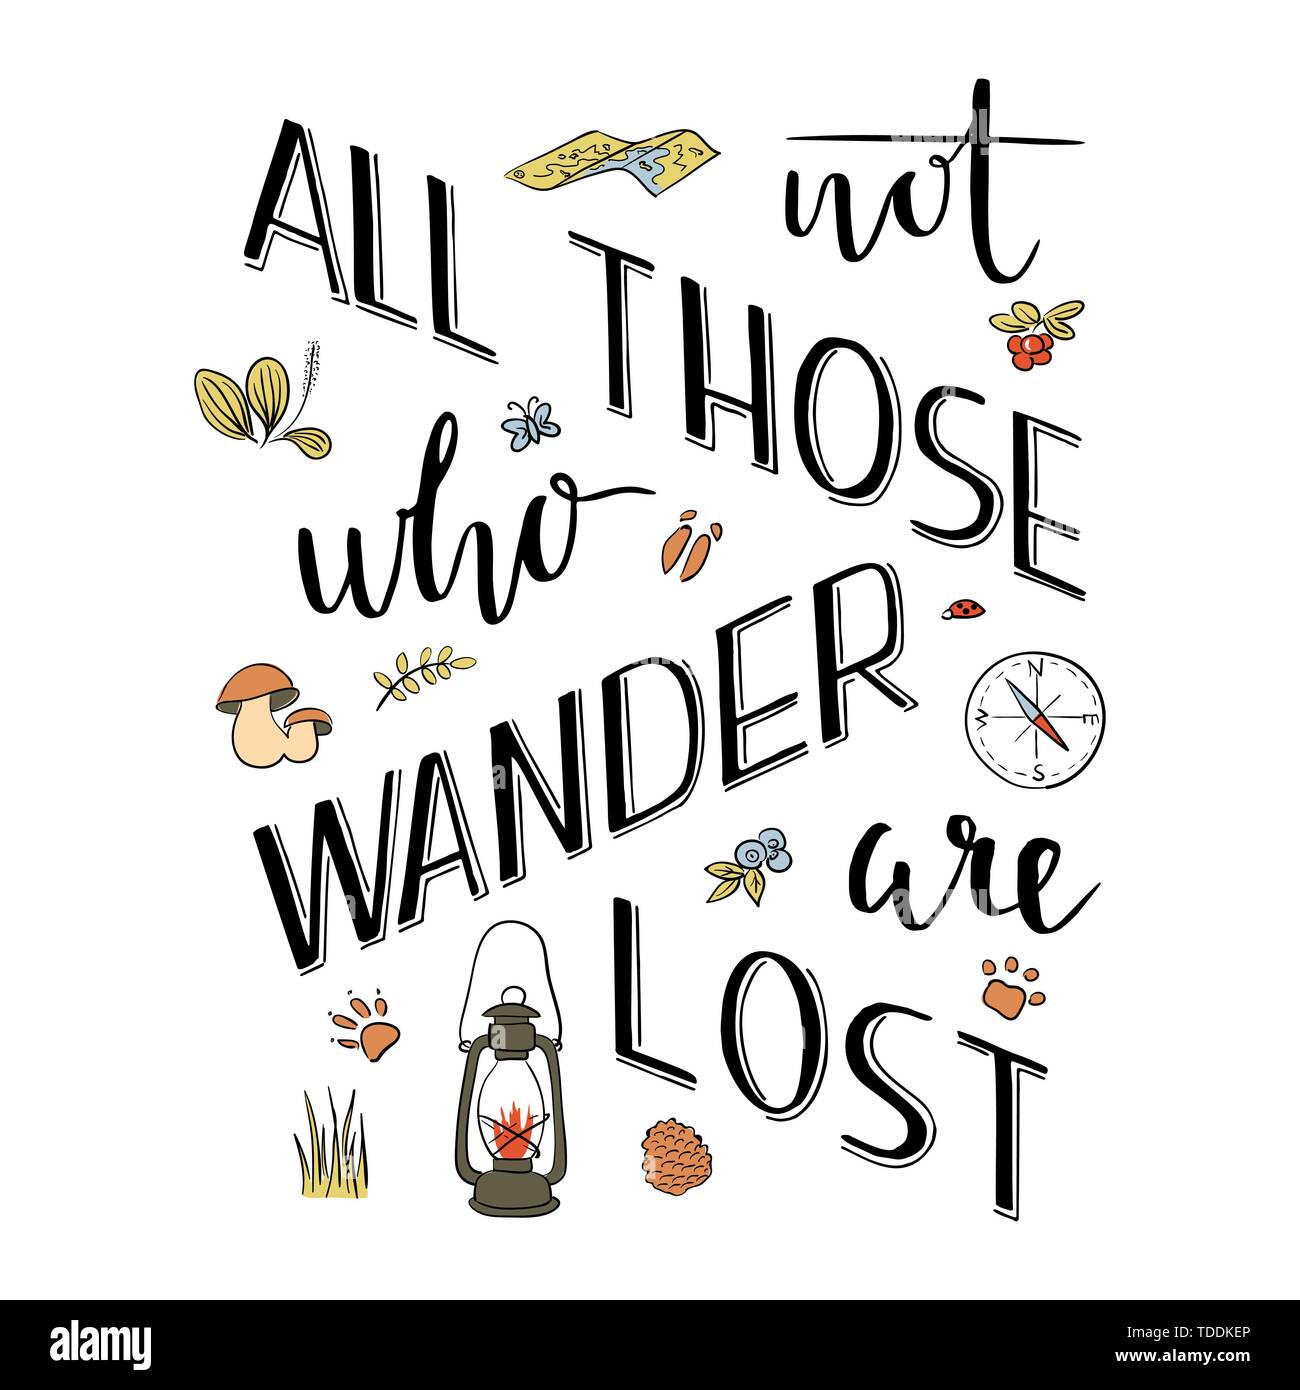 Nicht alle, die wandern gehen verloren. Hand schrift Typografie Poster. Motivierende Angebot. Laterne, Kompass, Karte, tierische Spuren. Für optimistisch, Design, Stockbild